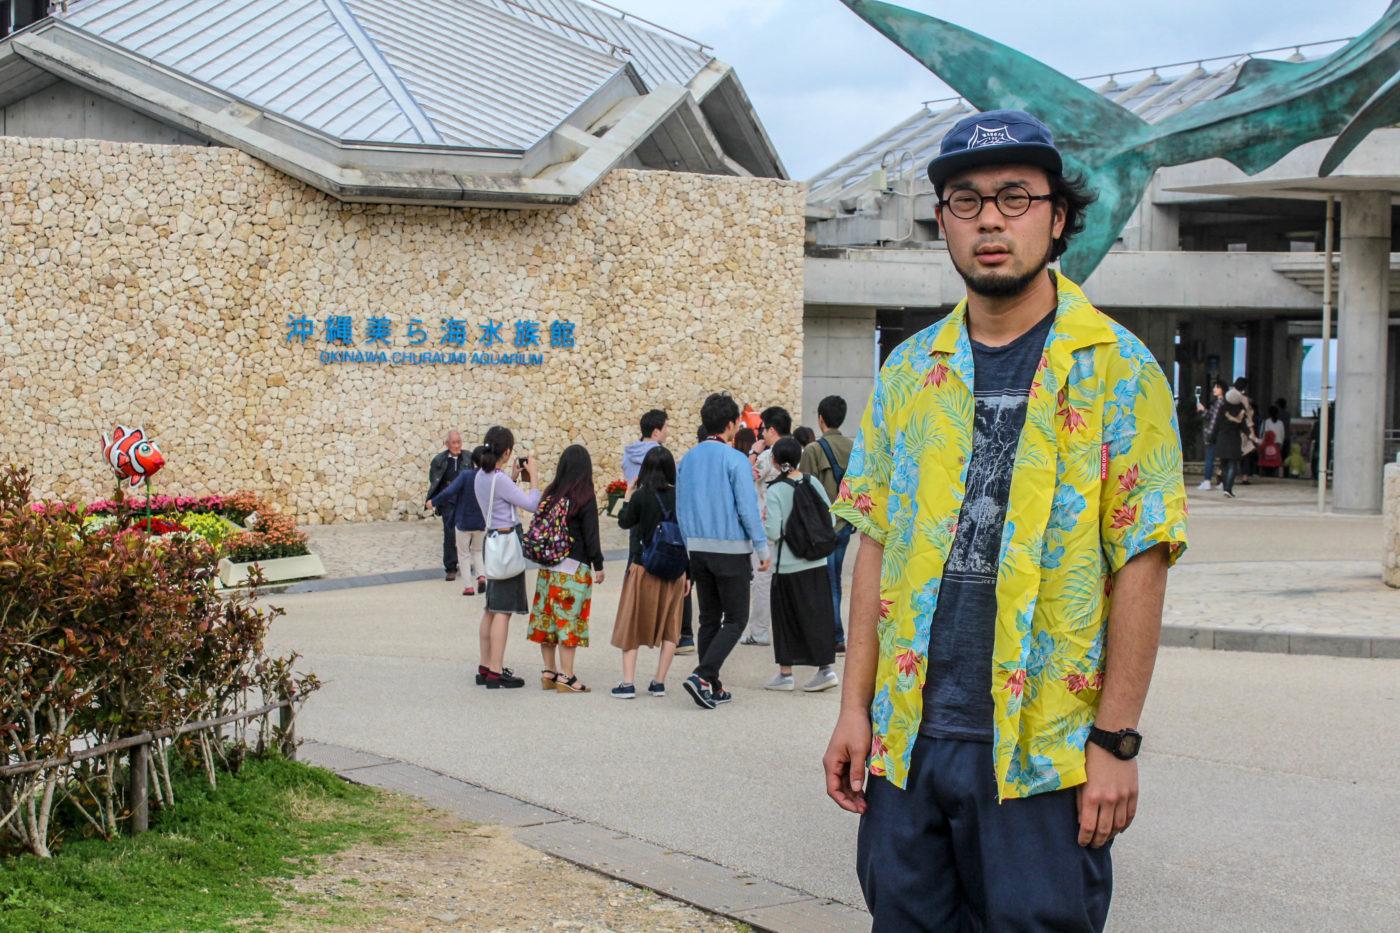 沖縄の観光地として有名な美ら海水族館まで車で30分かからない距離